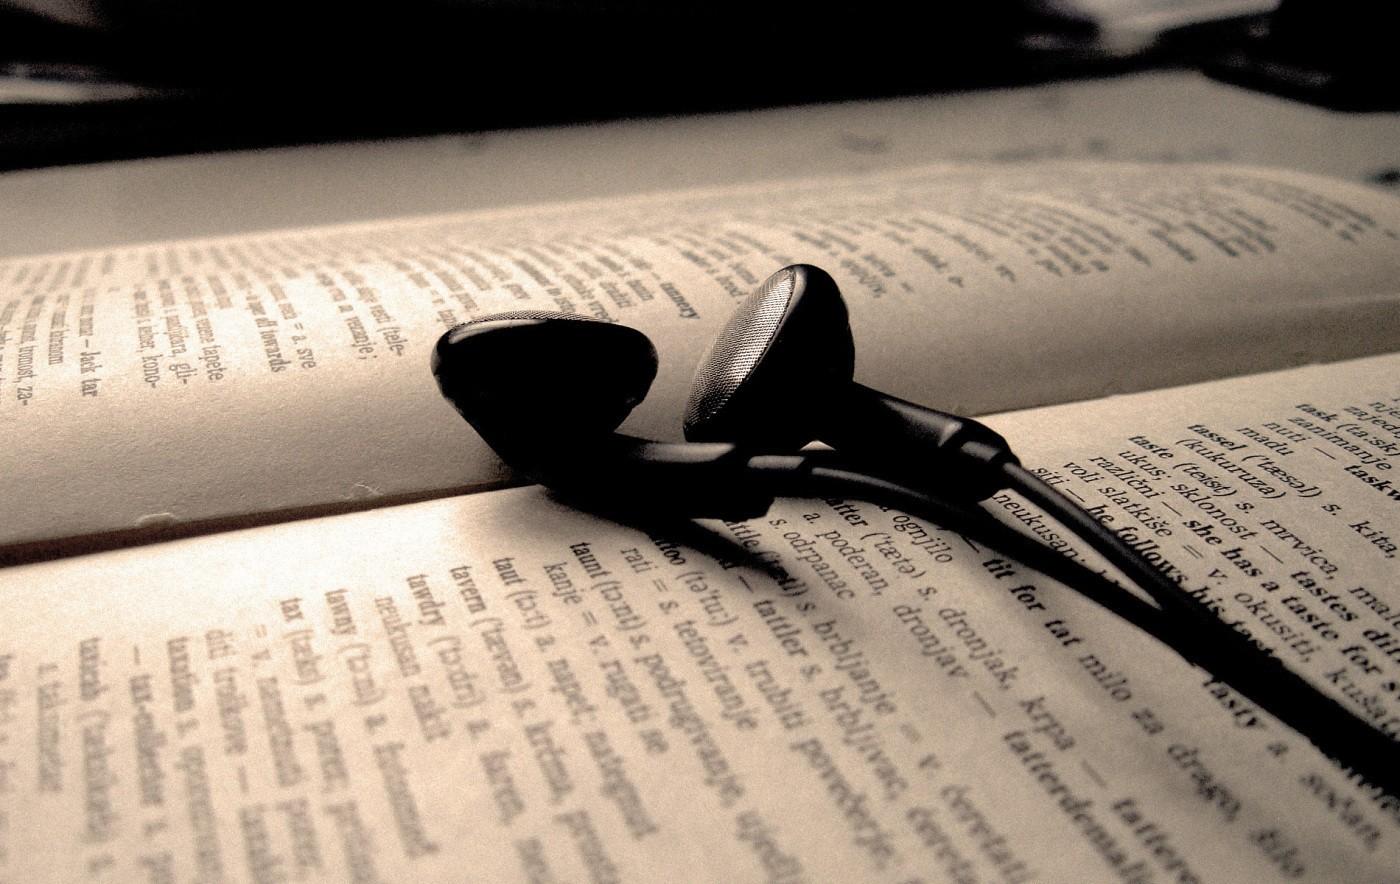 Ders Calisirken Muzik Dinlemek Gercekten Faydali Mi Kiyi Muzik